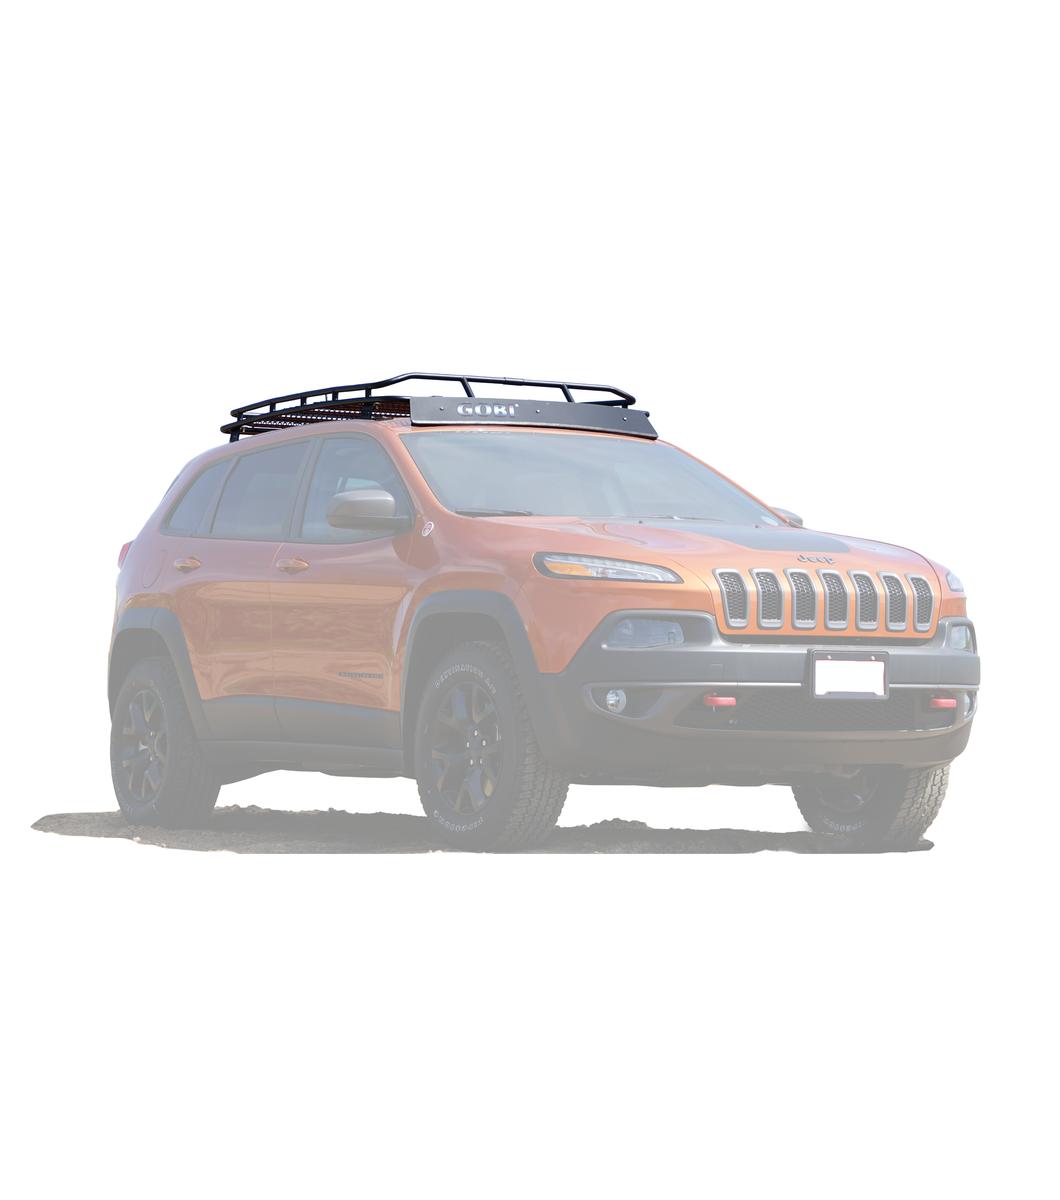 GOBI Jeep Cherokee KL Stealth Rack. Webp.net-resizeimage-213